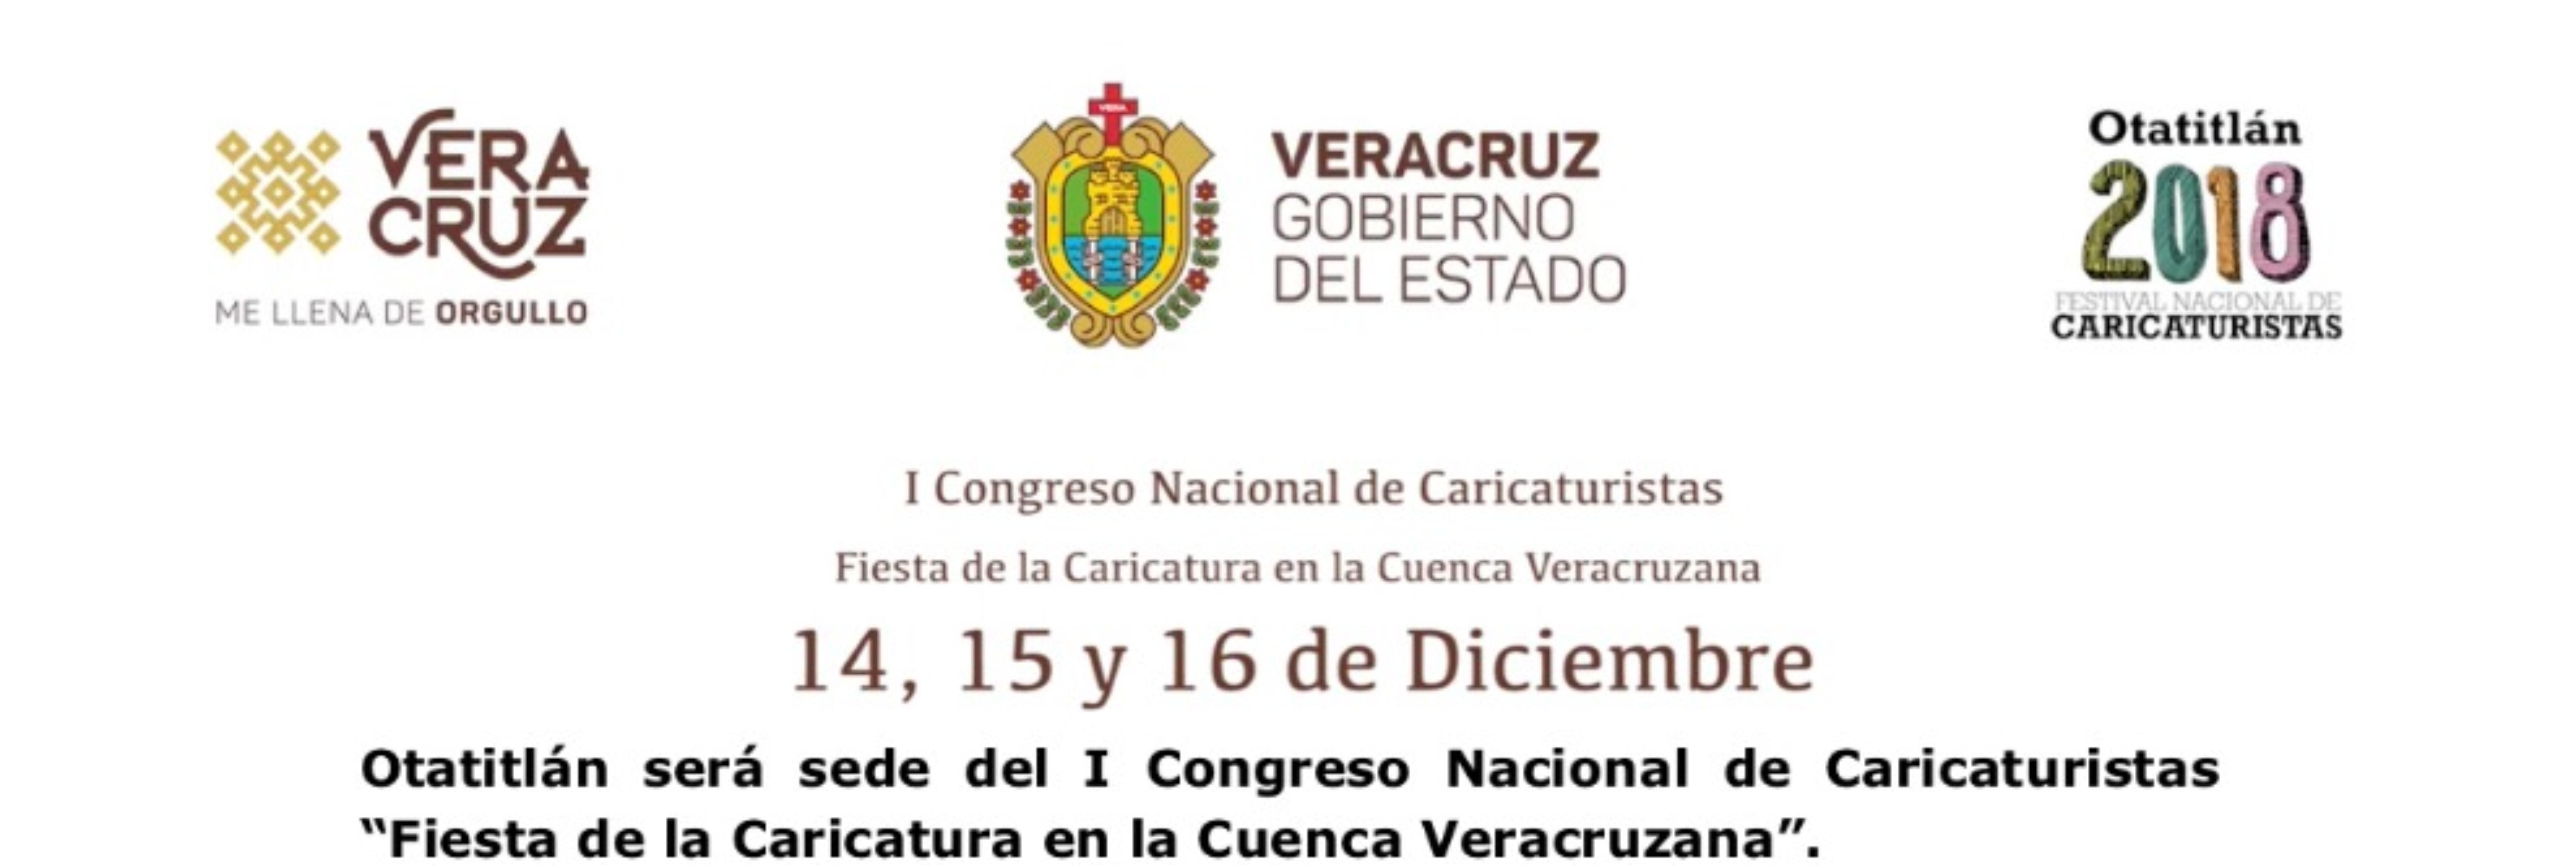 I Congreso Nacional de Caricaturistas